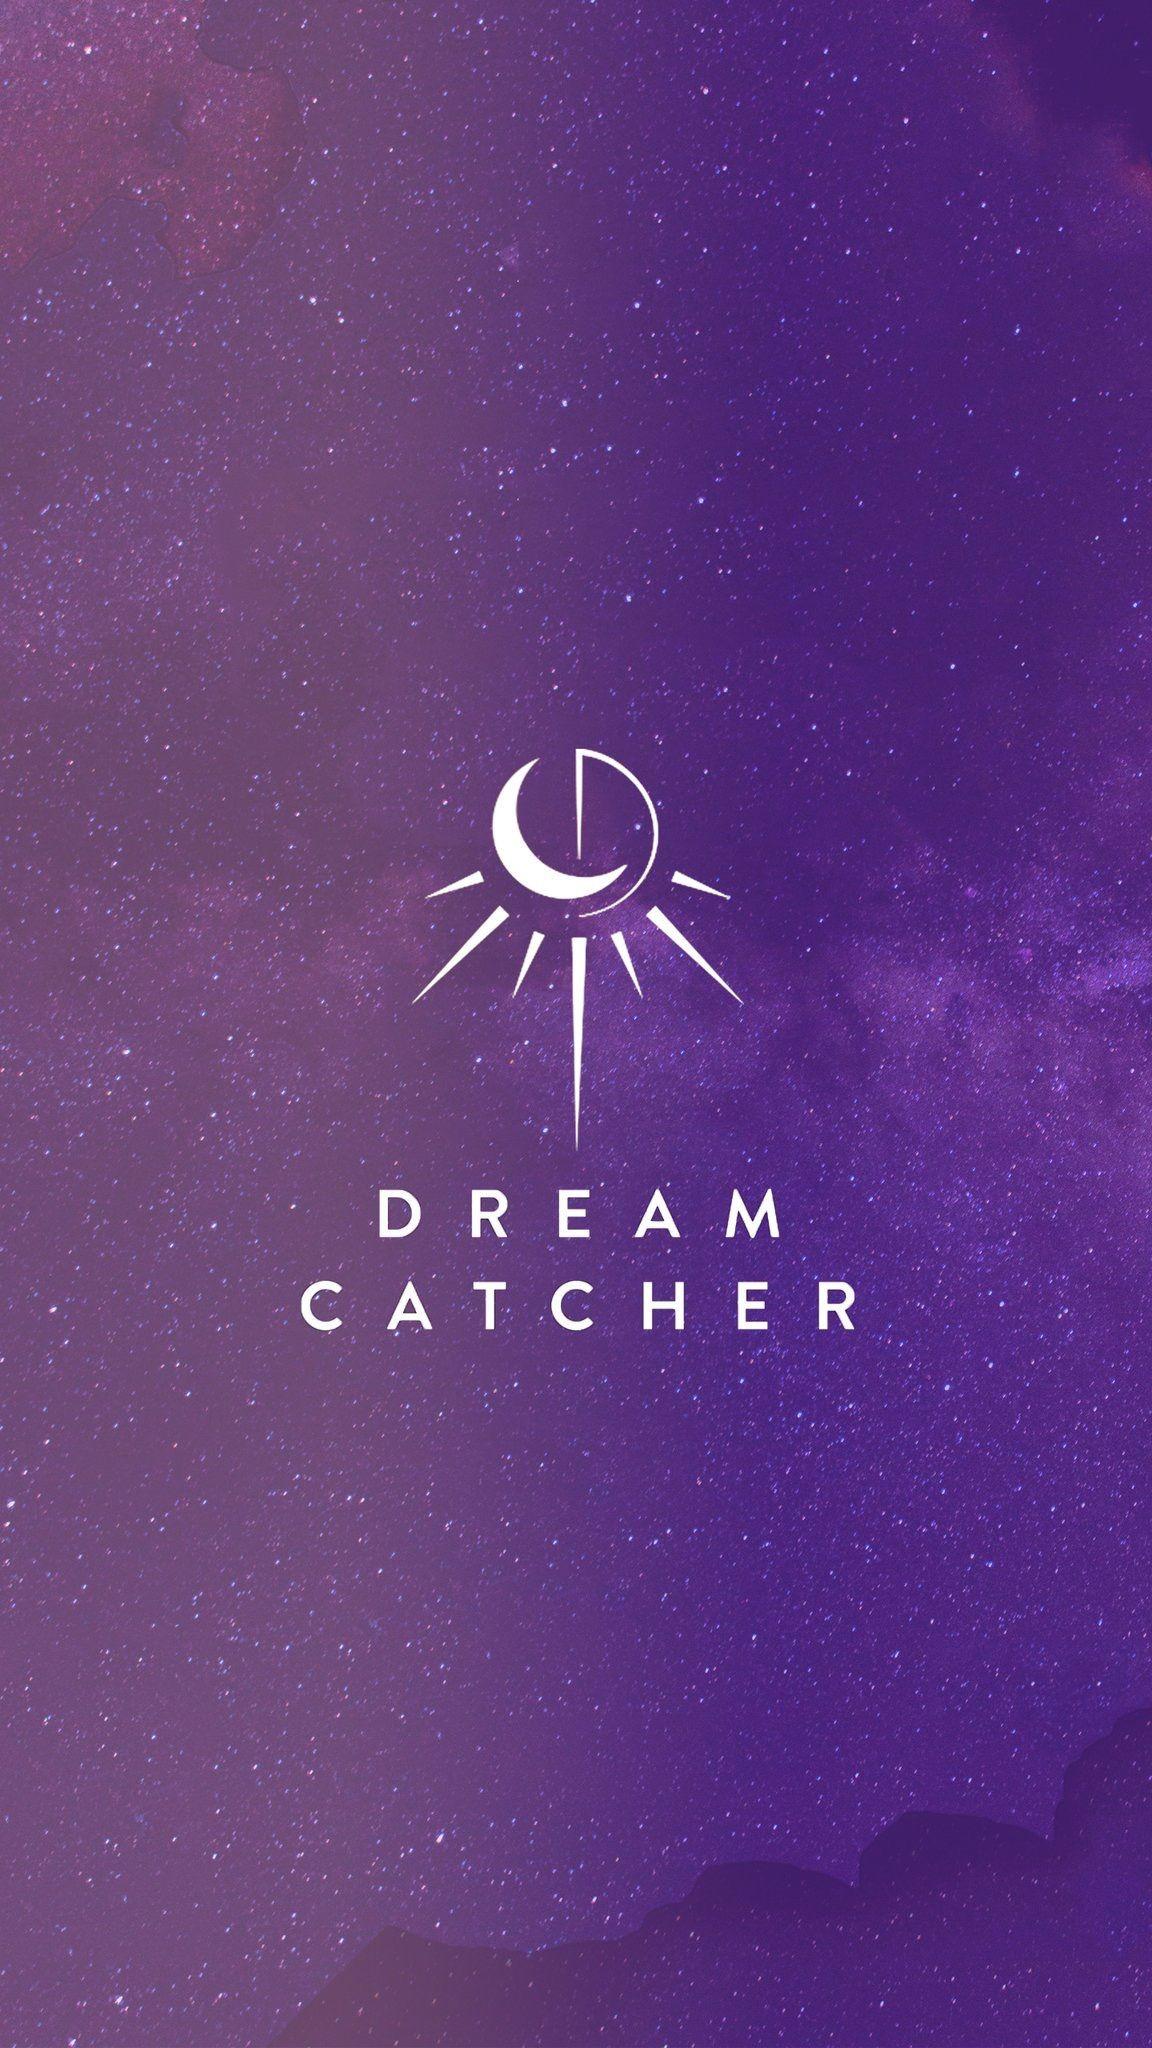 wallpaper Dream catcher, Dreamcatcher wallpaper